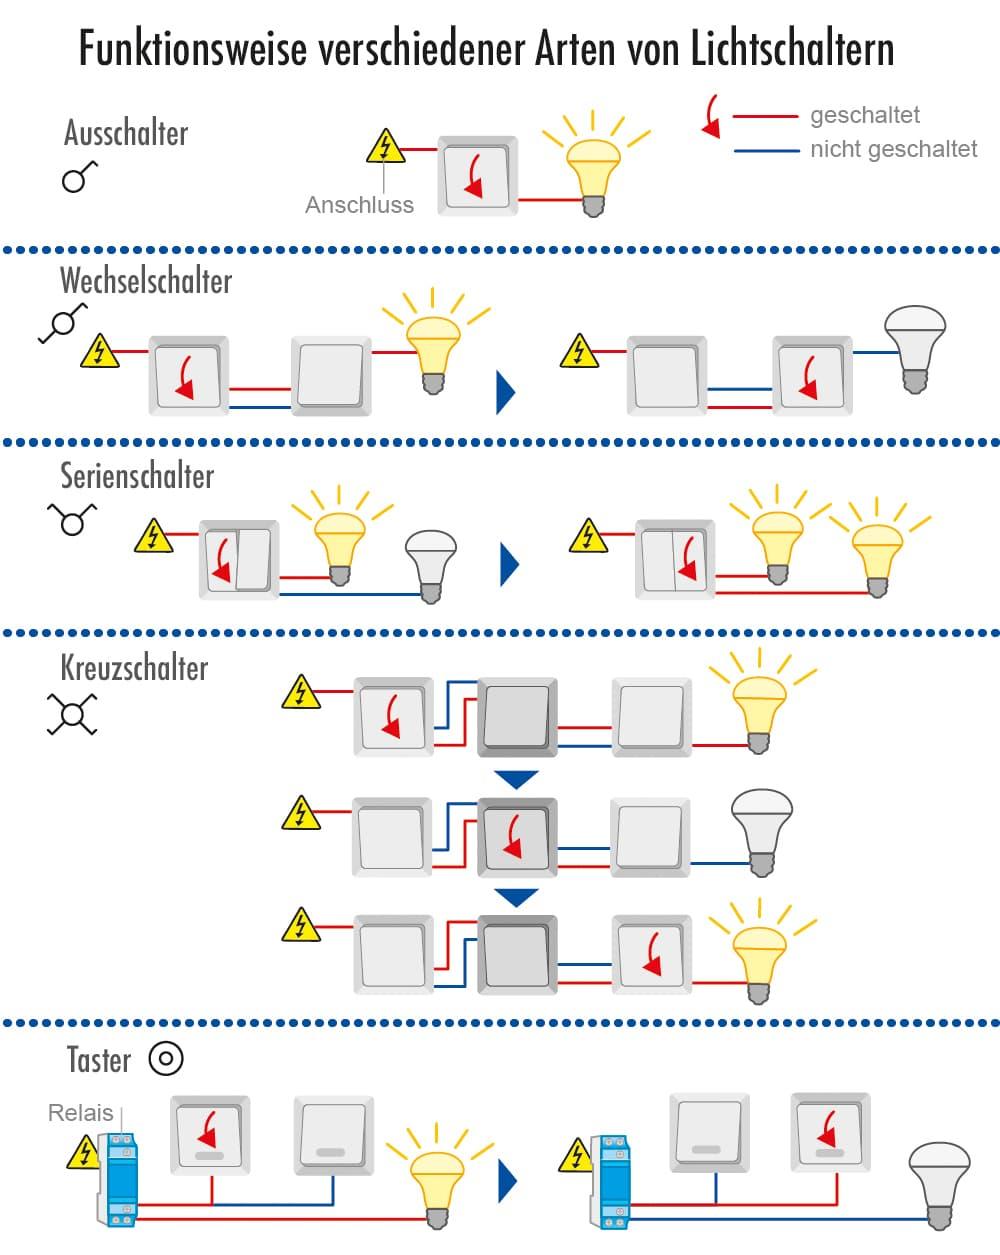 Funktionweise verschiedener Arten von Lichtschaltern